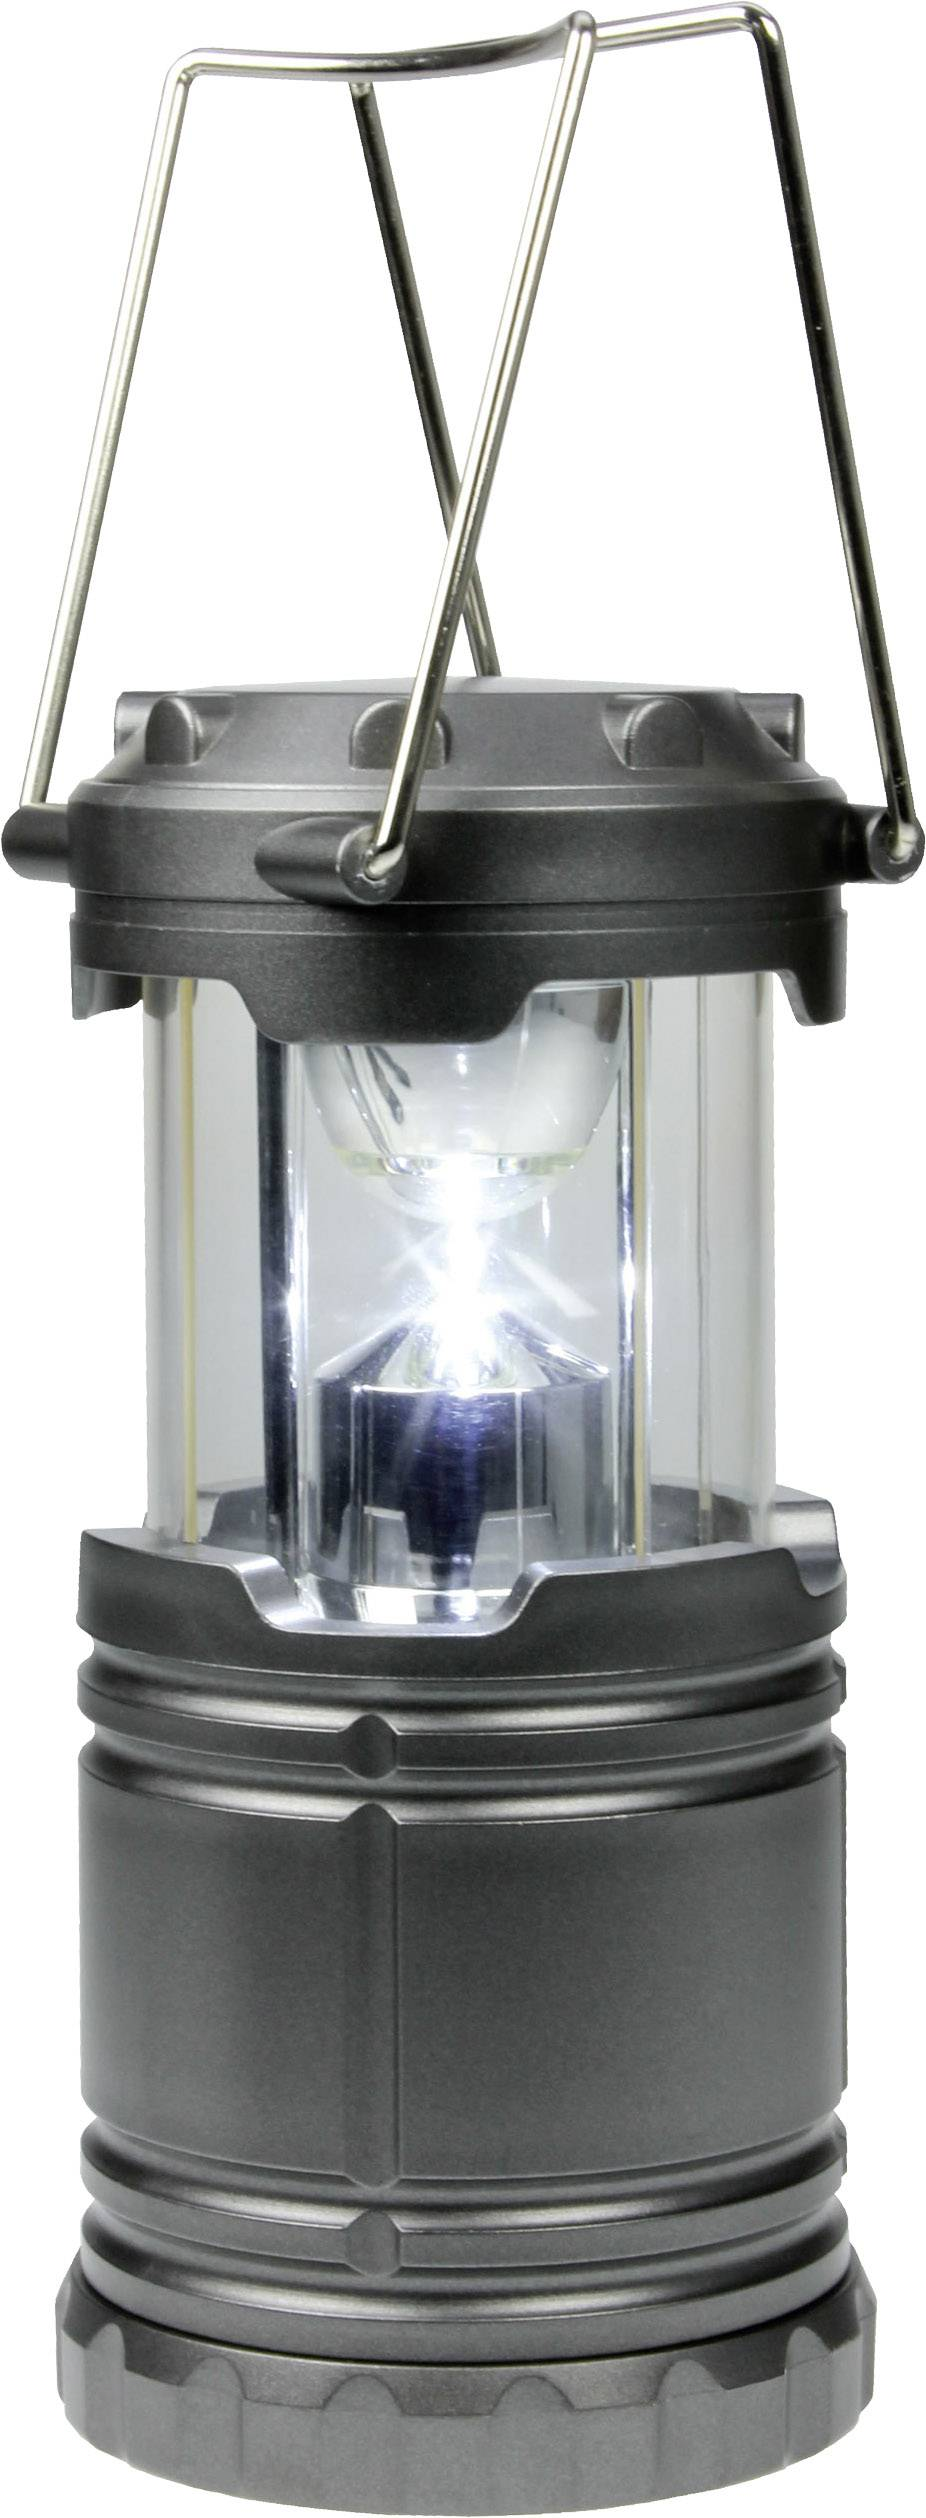 LED kempingová lucerna Dörr Foto CL-1285 980378, 259 g, tmavě modrá